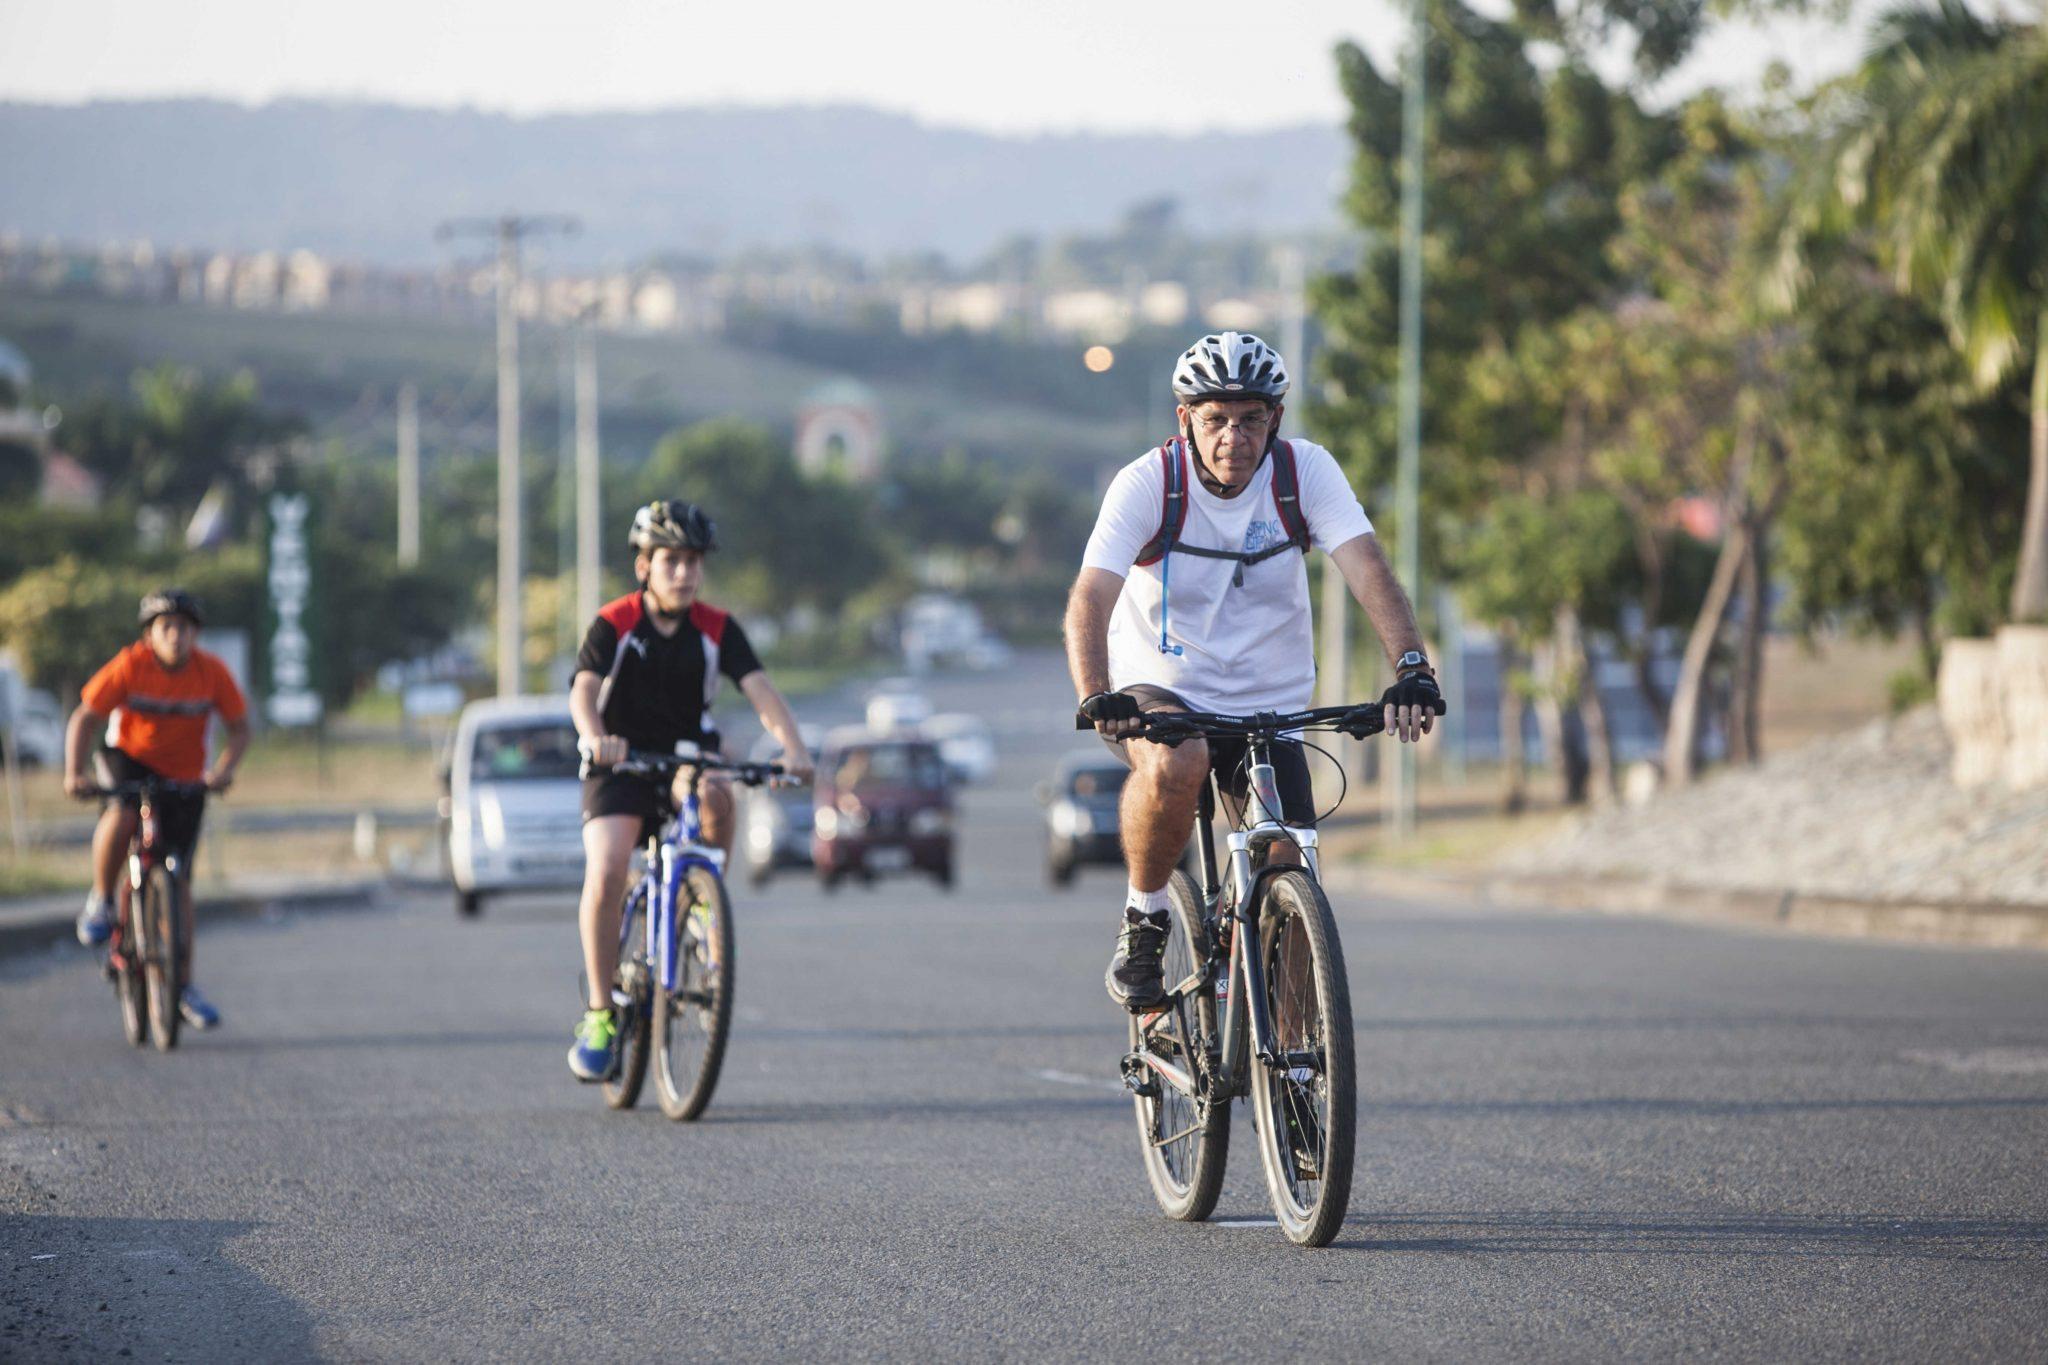 Las calles que unen a las urbanizaciones en cada Ciudad para Vivir, son lo suficientemente amplias para poder andar en bicicleta y disfrutar de un recorrido poblado por árboles